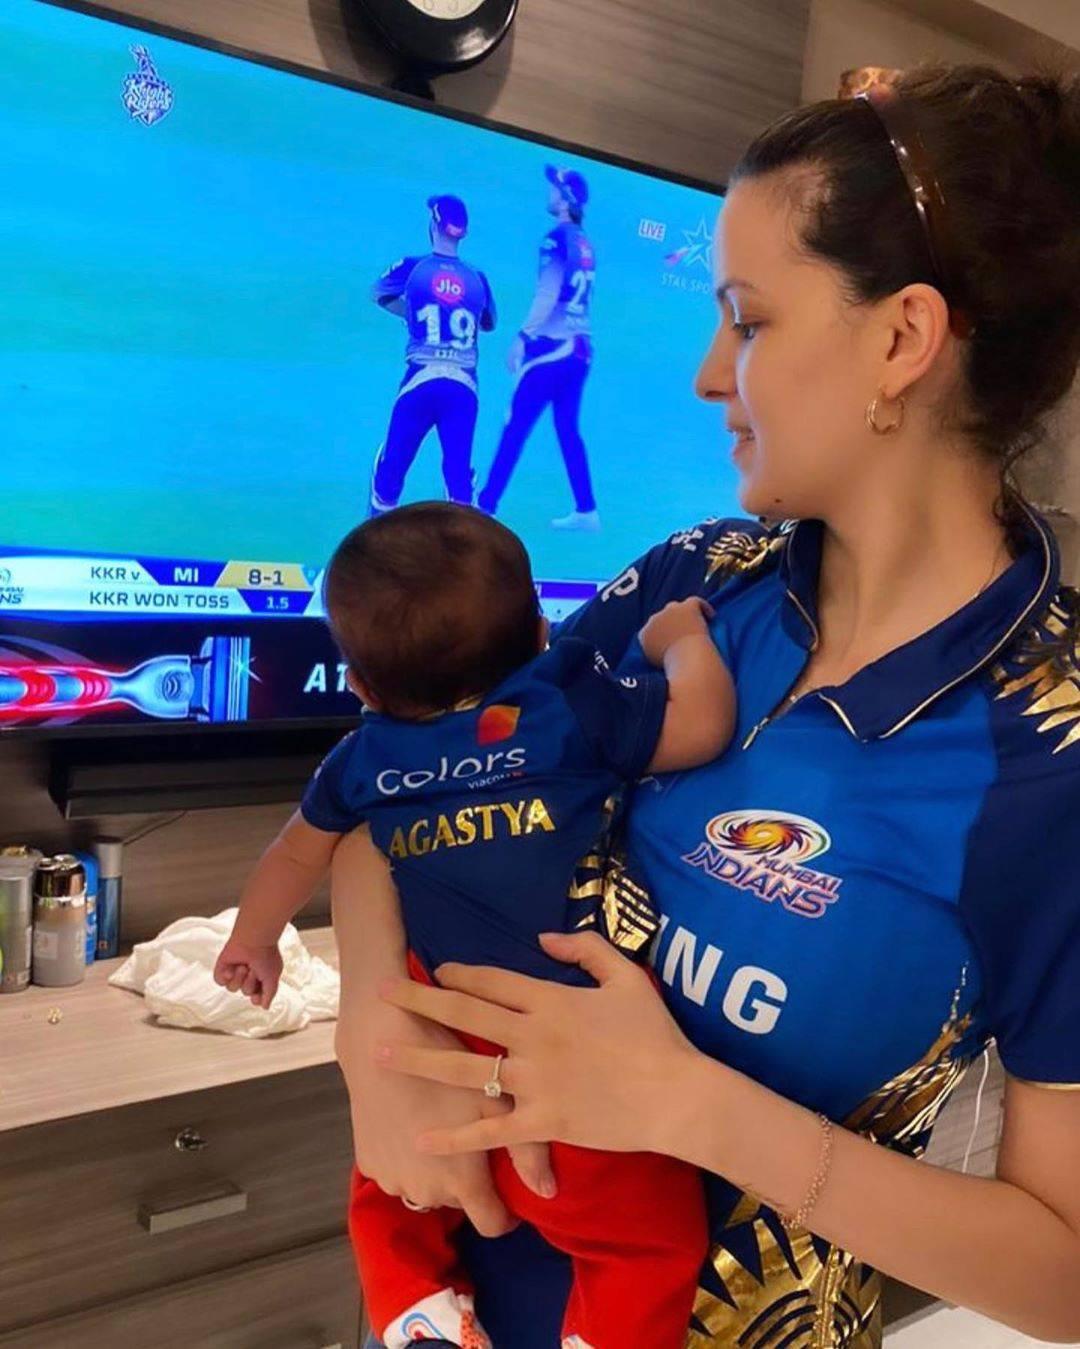 Natasa Stankovic & her little munchkin cheer for Hardik Pandya ahead of IPL match